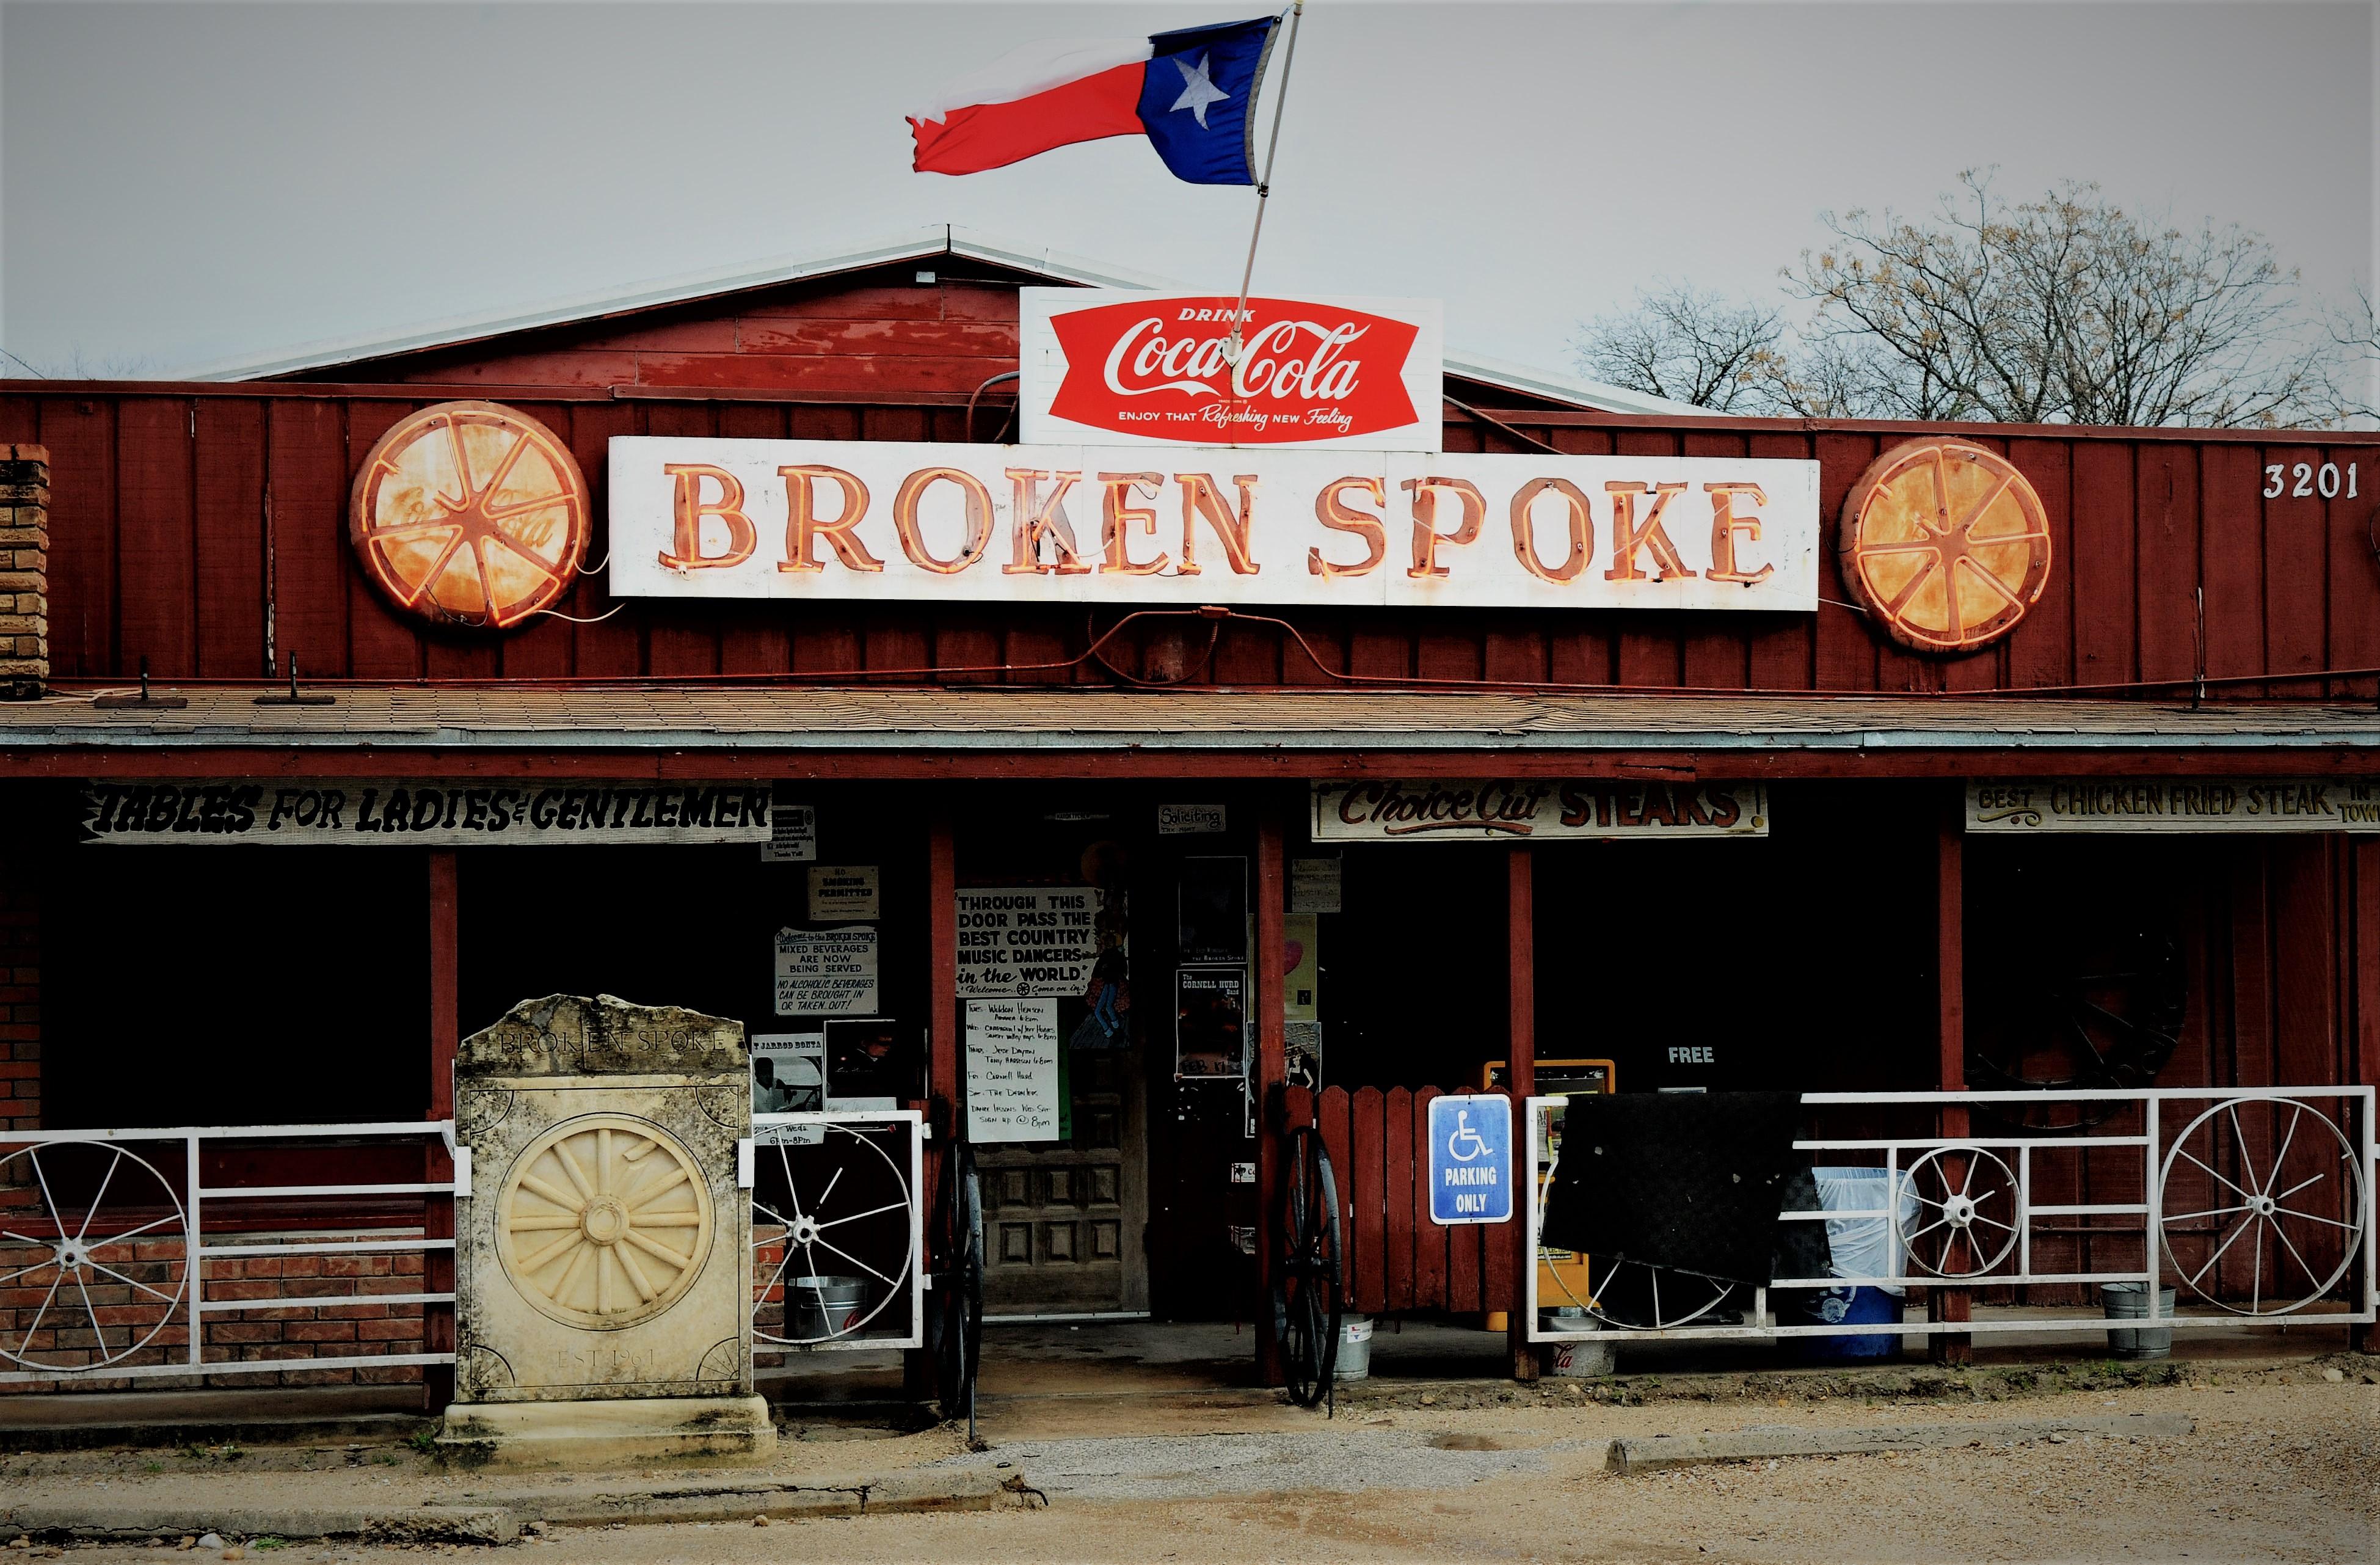 The Broken Spoke Austin, Tx.